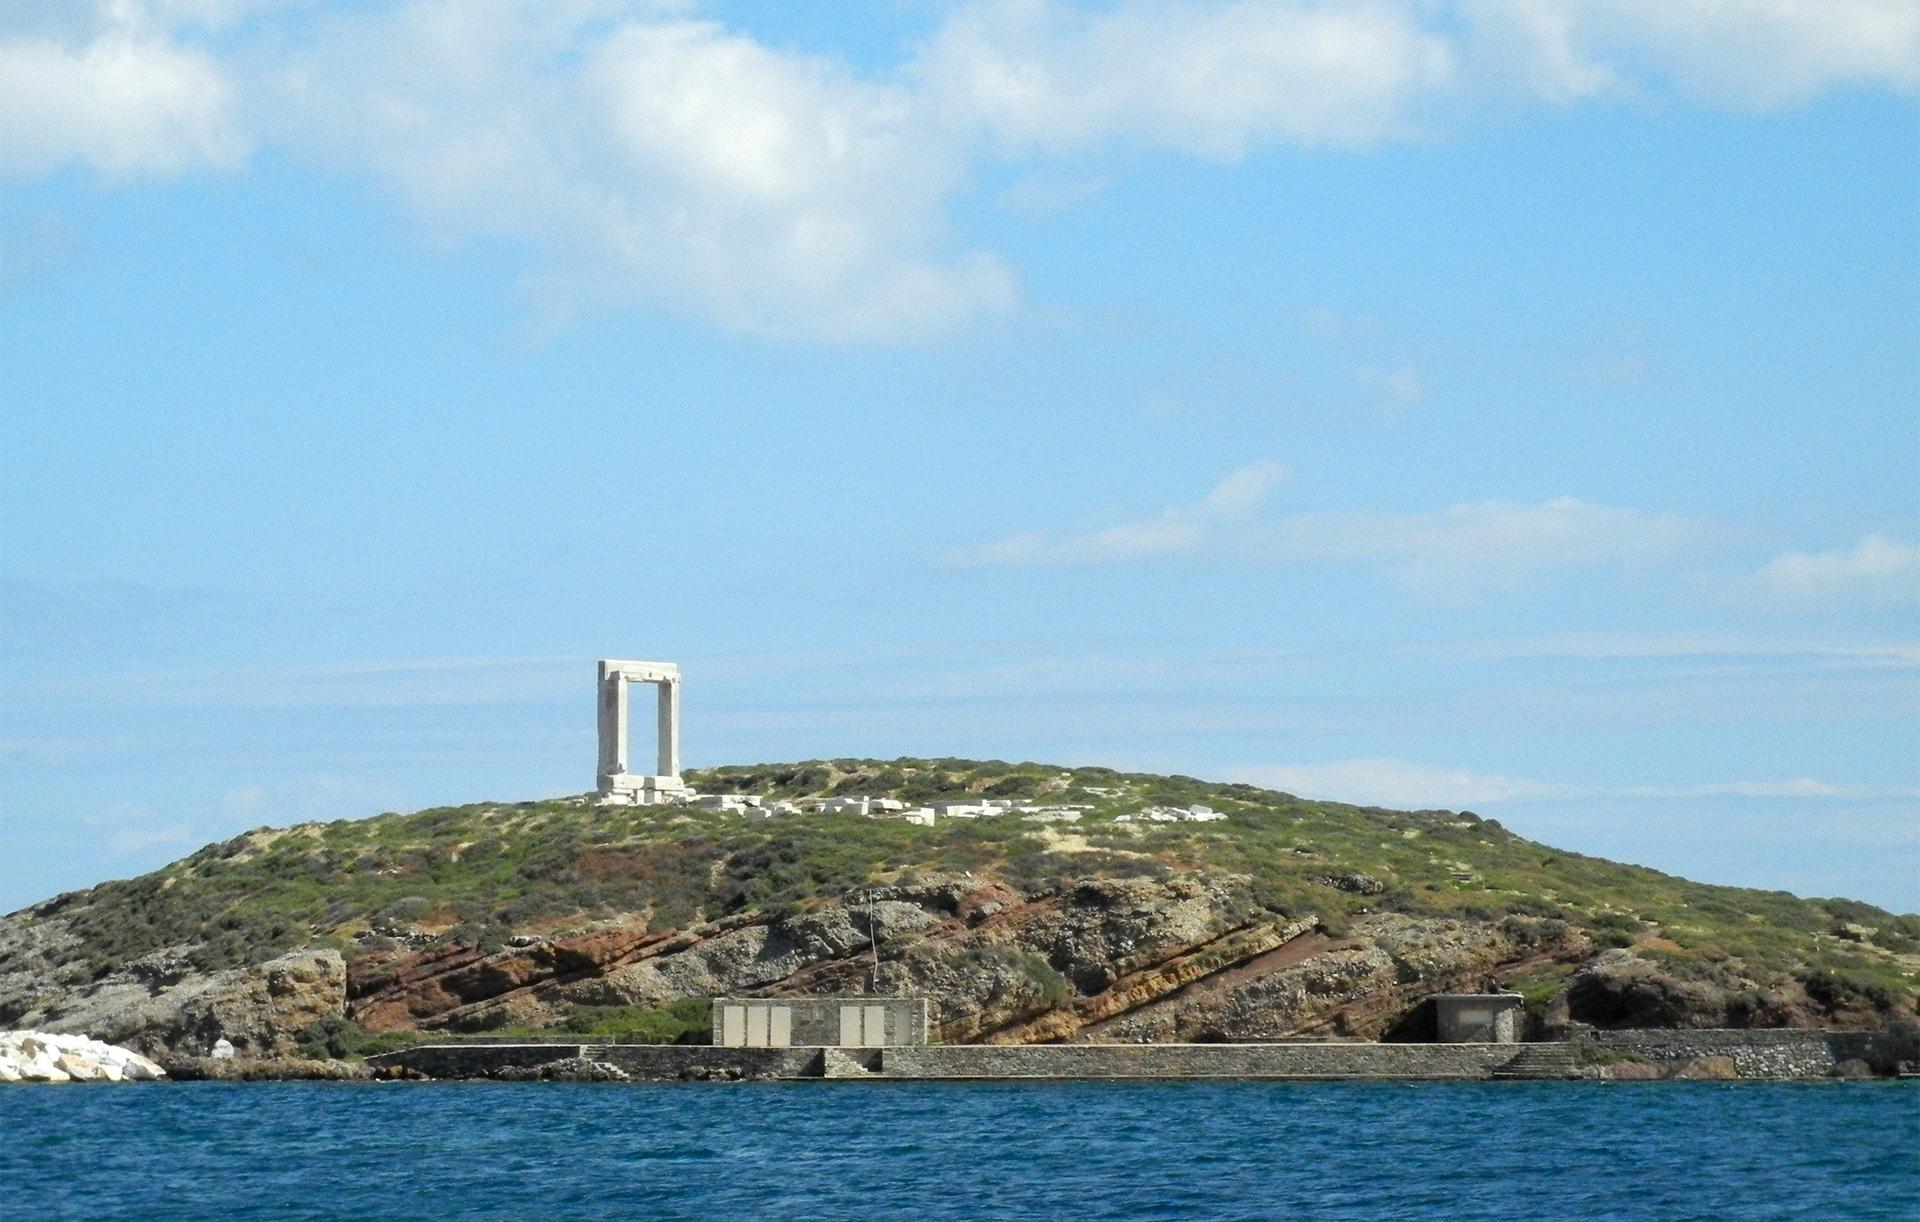 Naxos Portara, 6th century gateway into a temple dedicated to Apollo